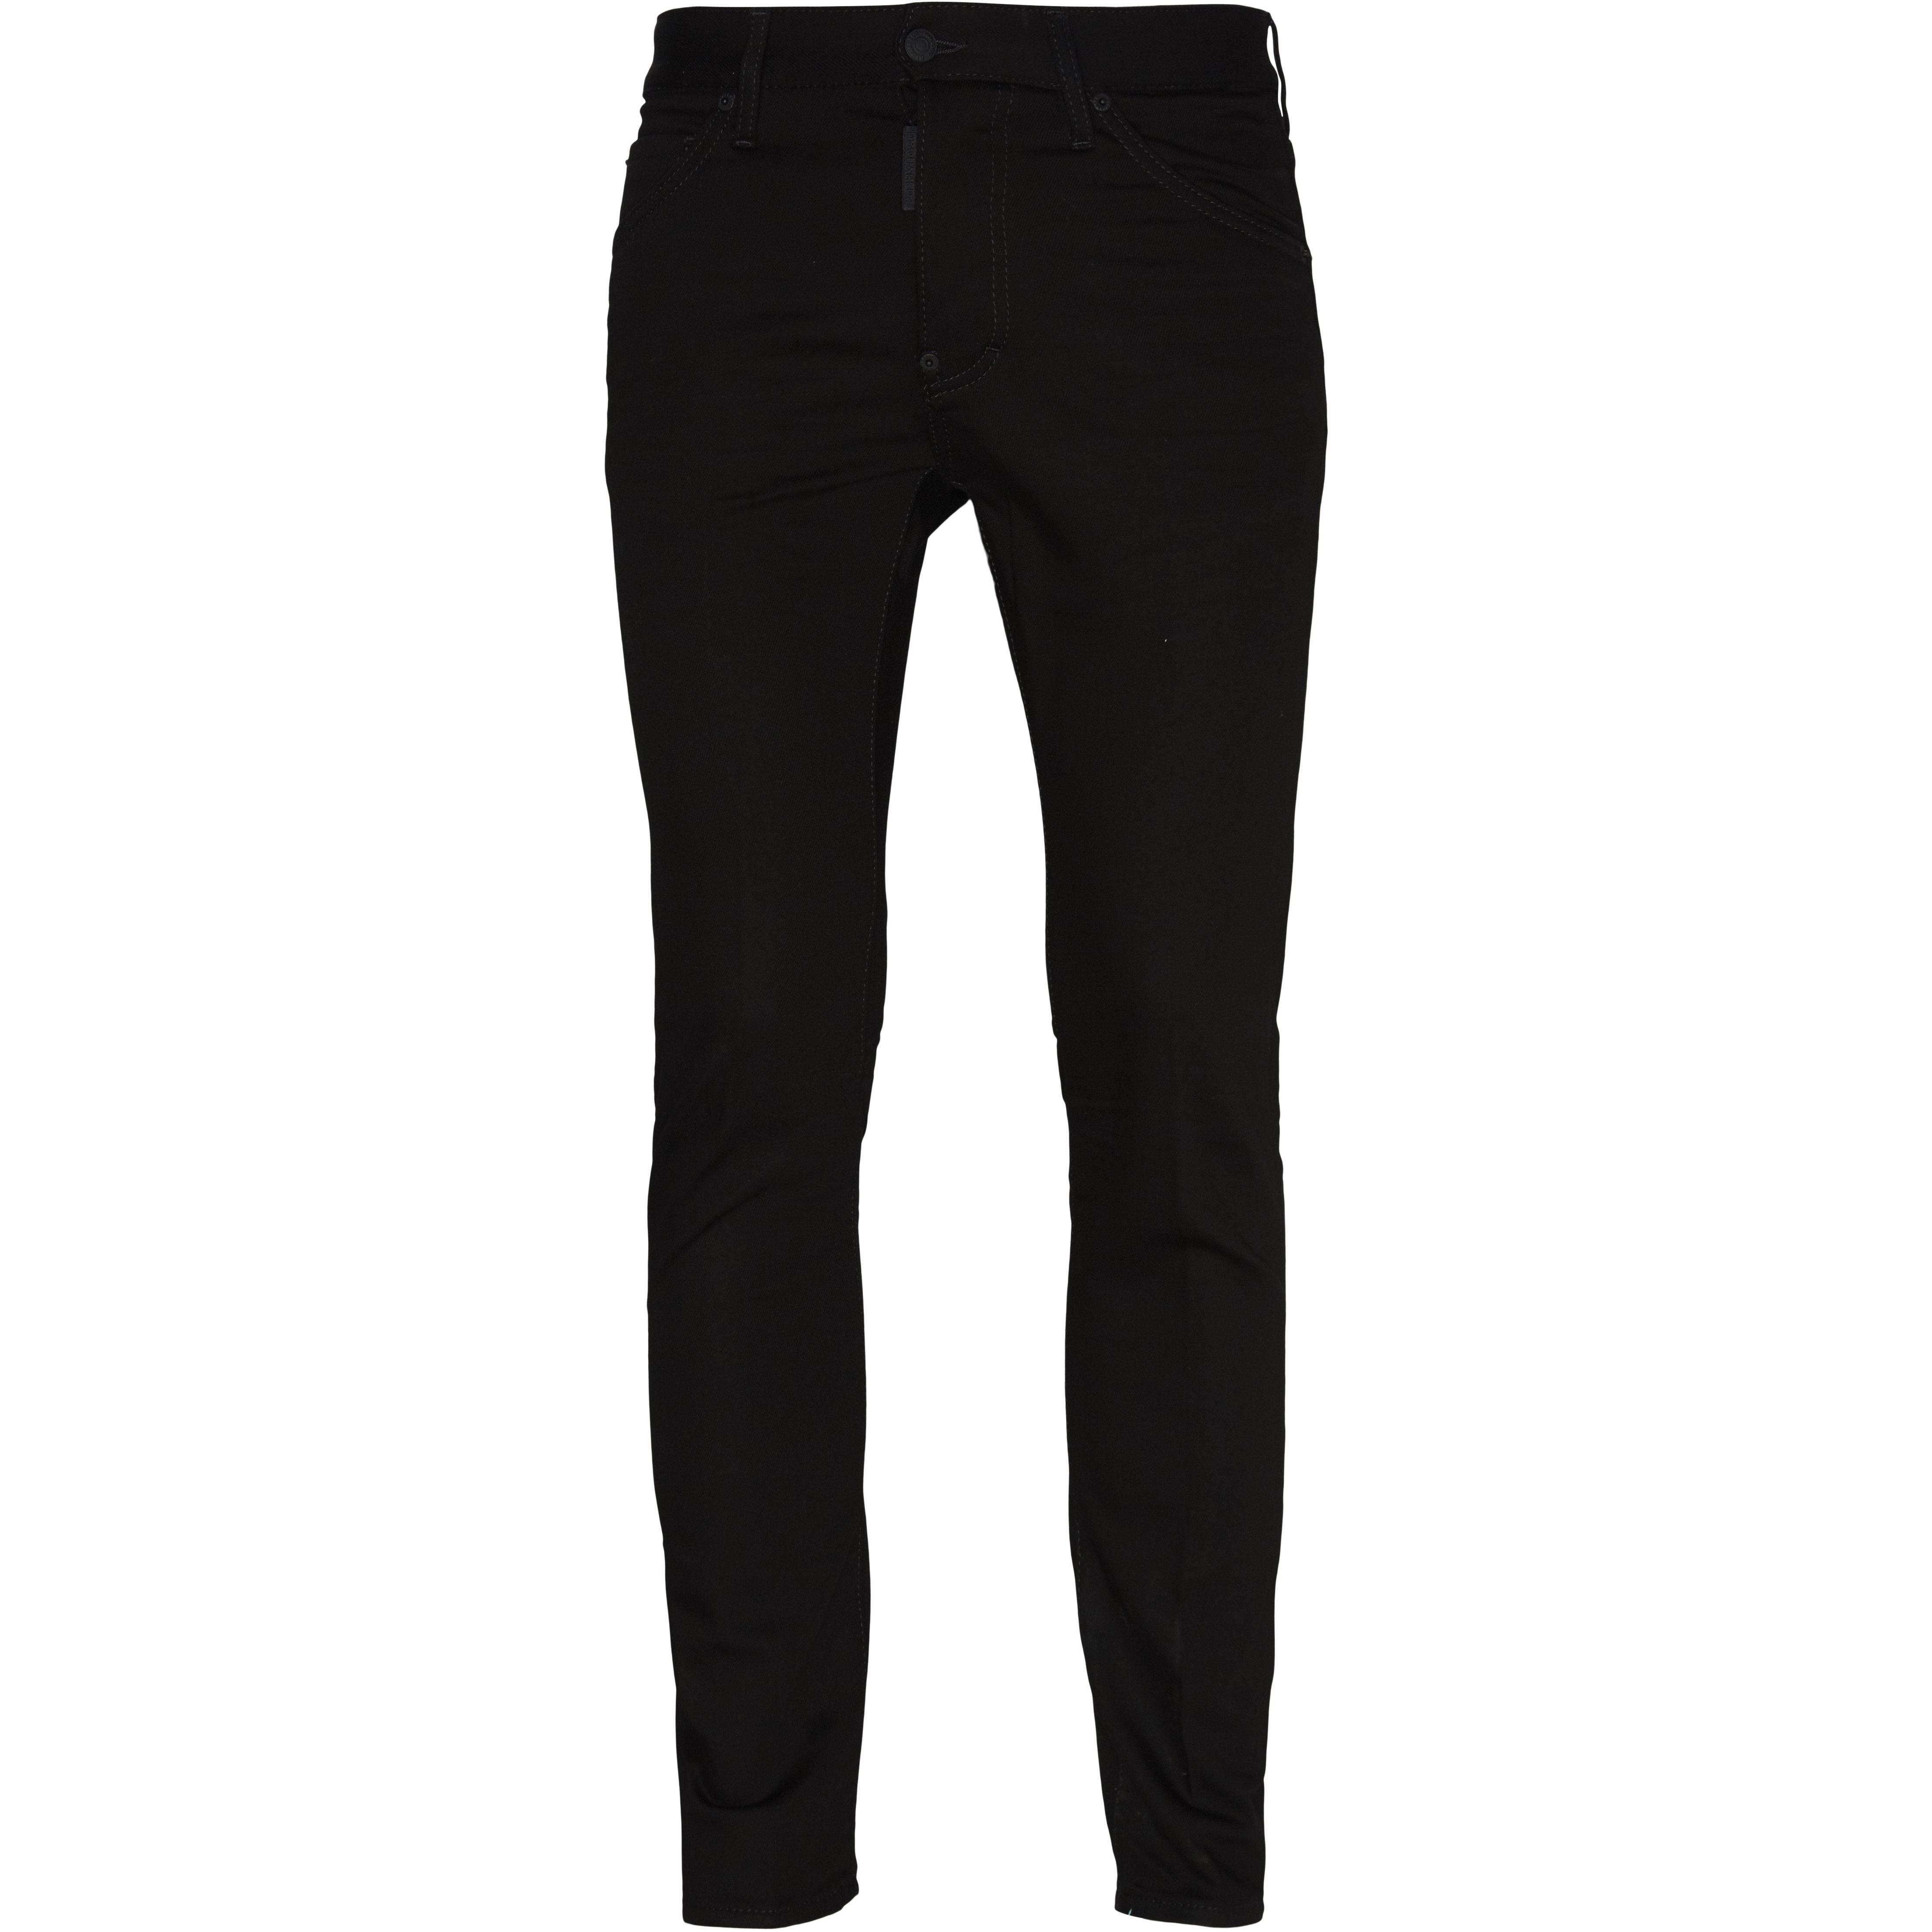 Jeans - Regular fit - Sort